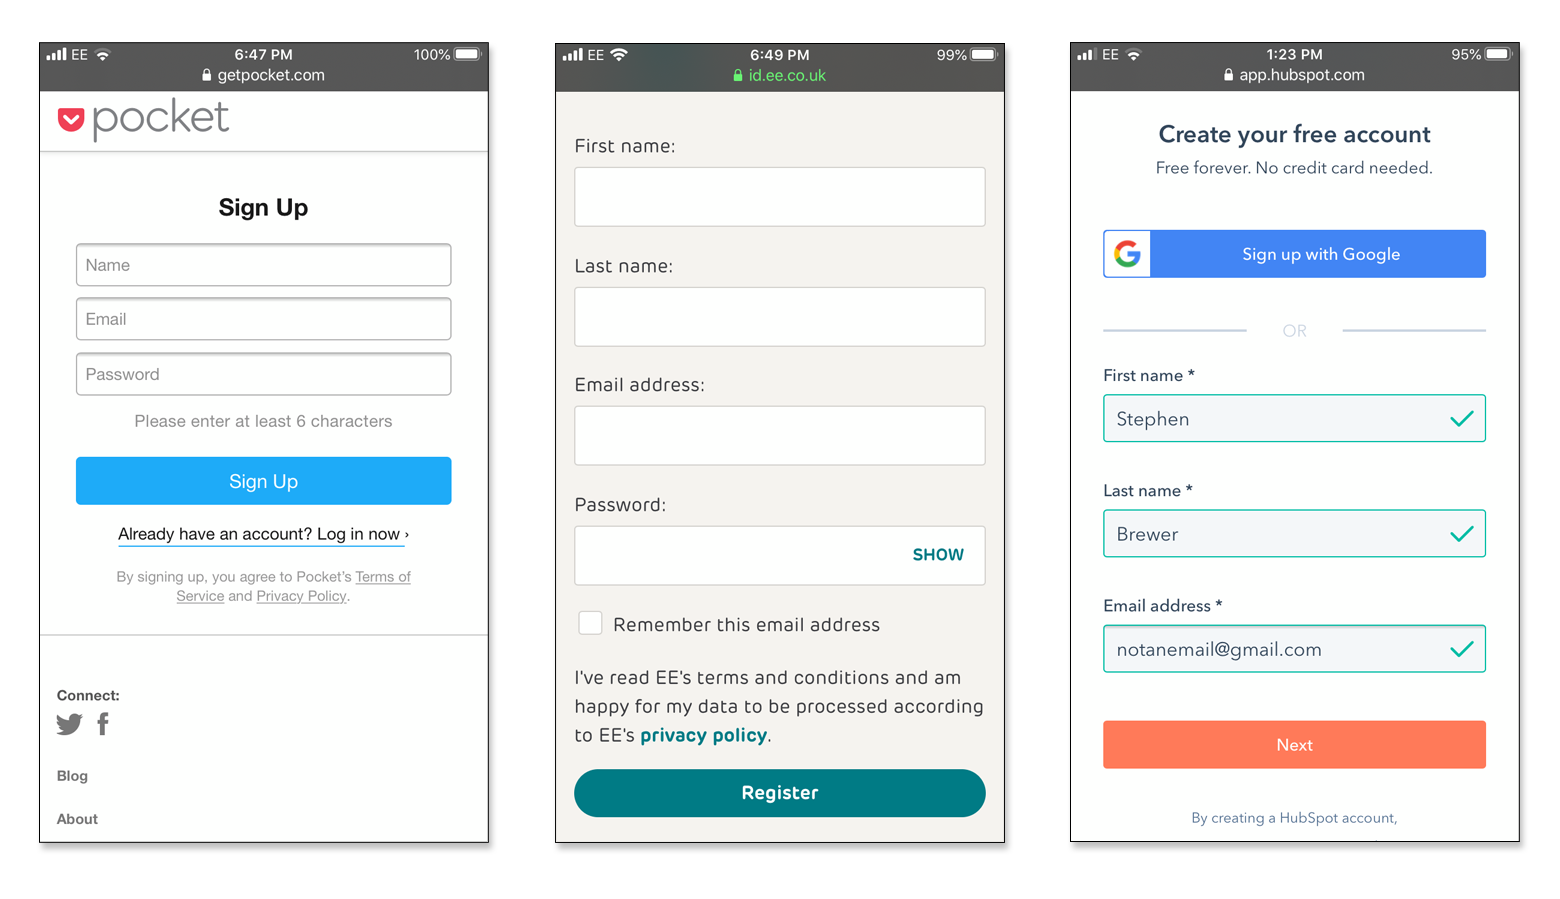 Créer une page d'accueil très convergente sur le mobile